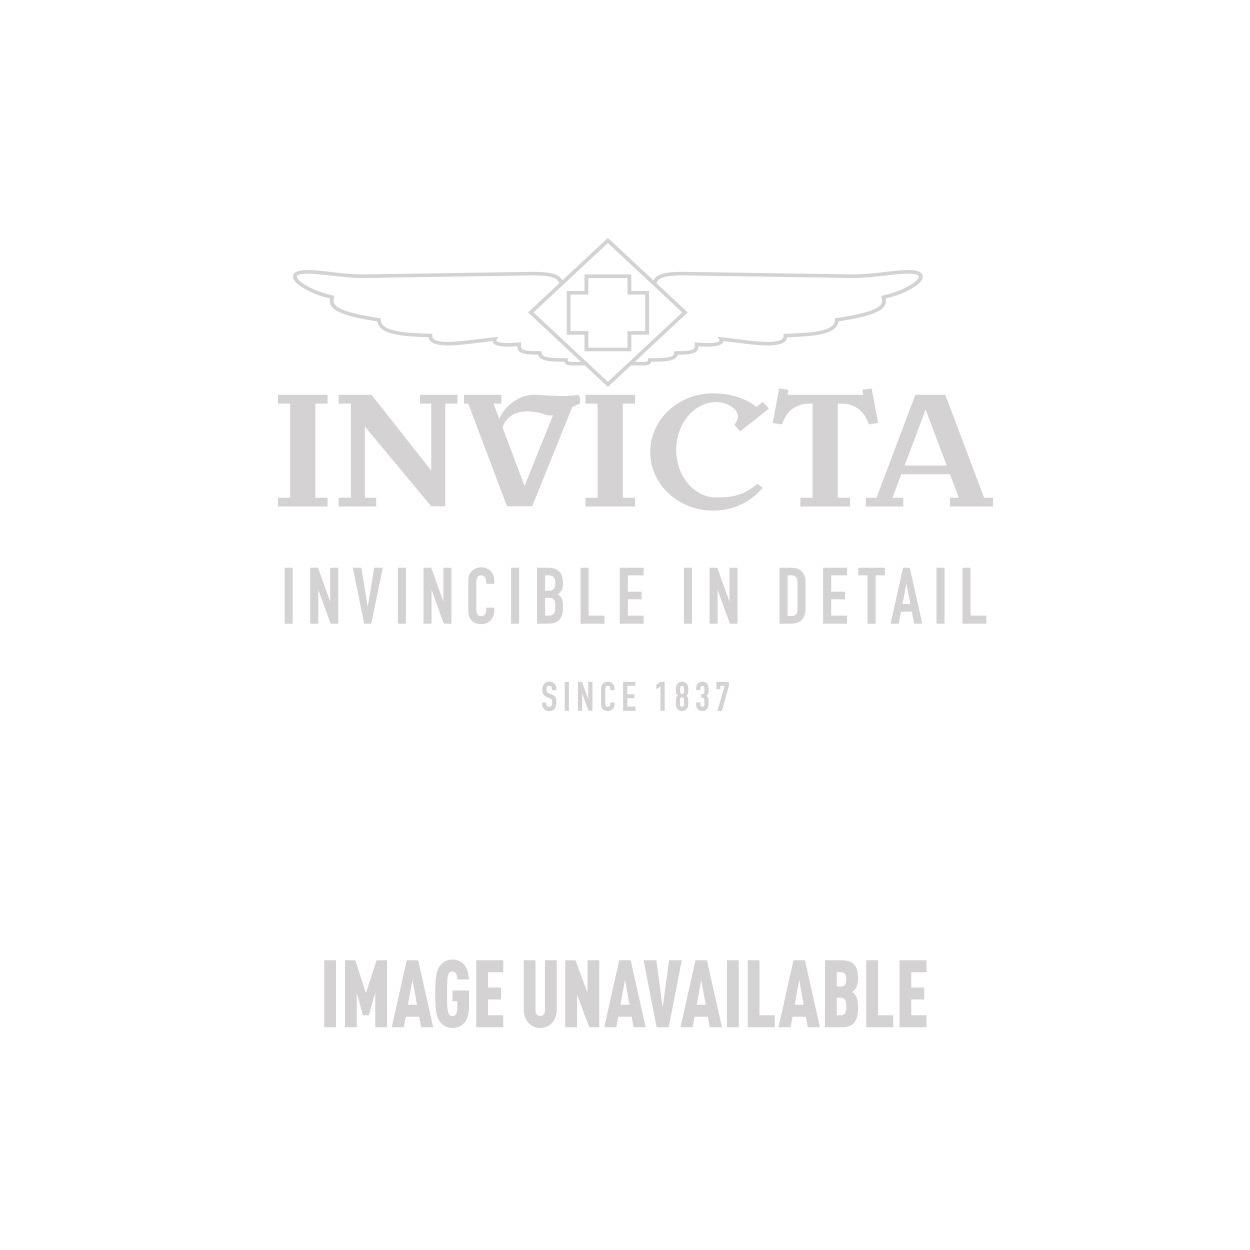 Invicta Model 25184